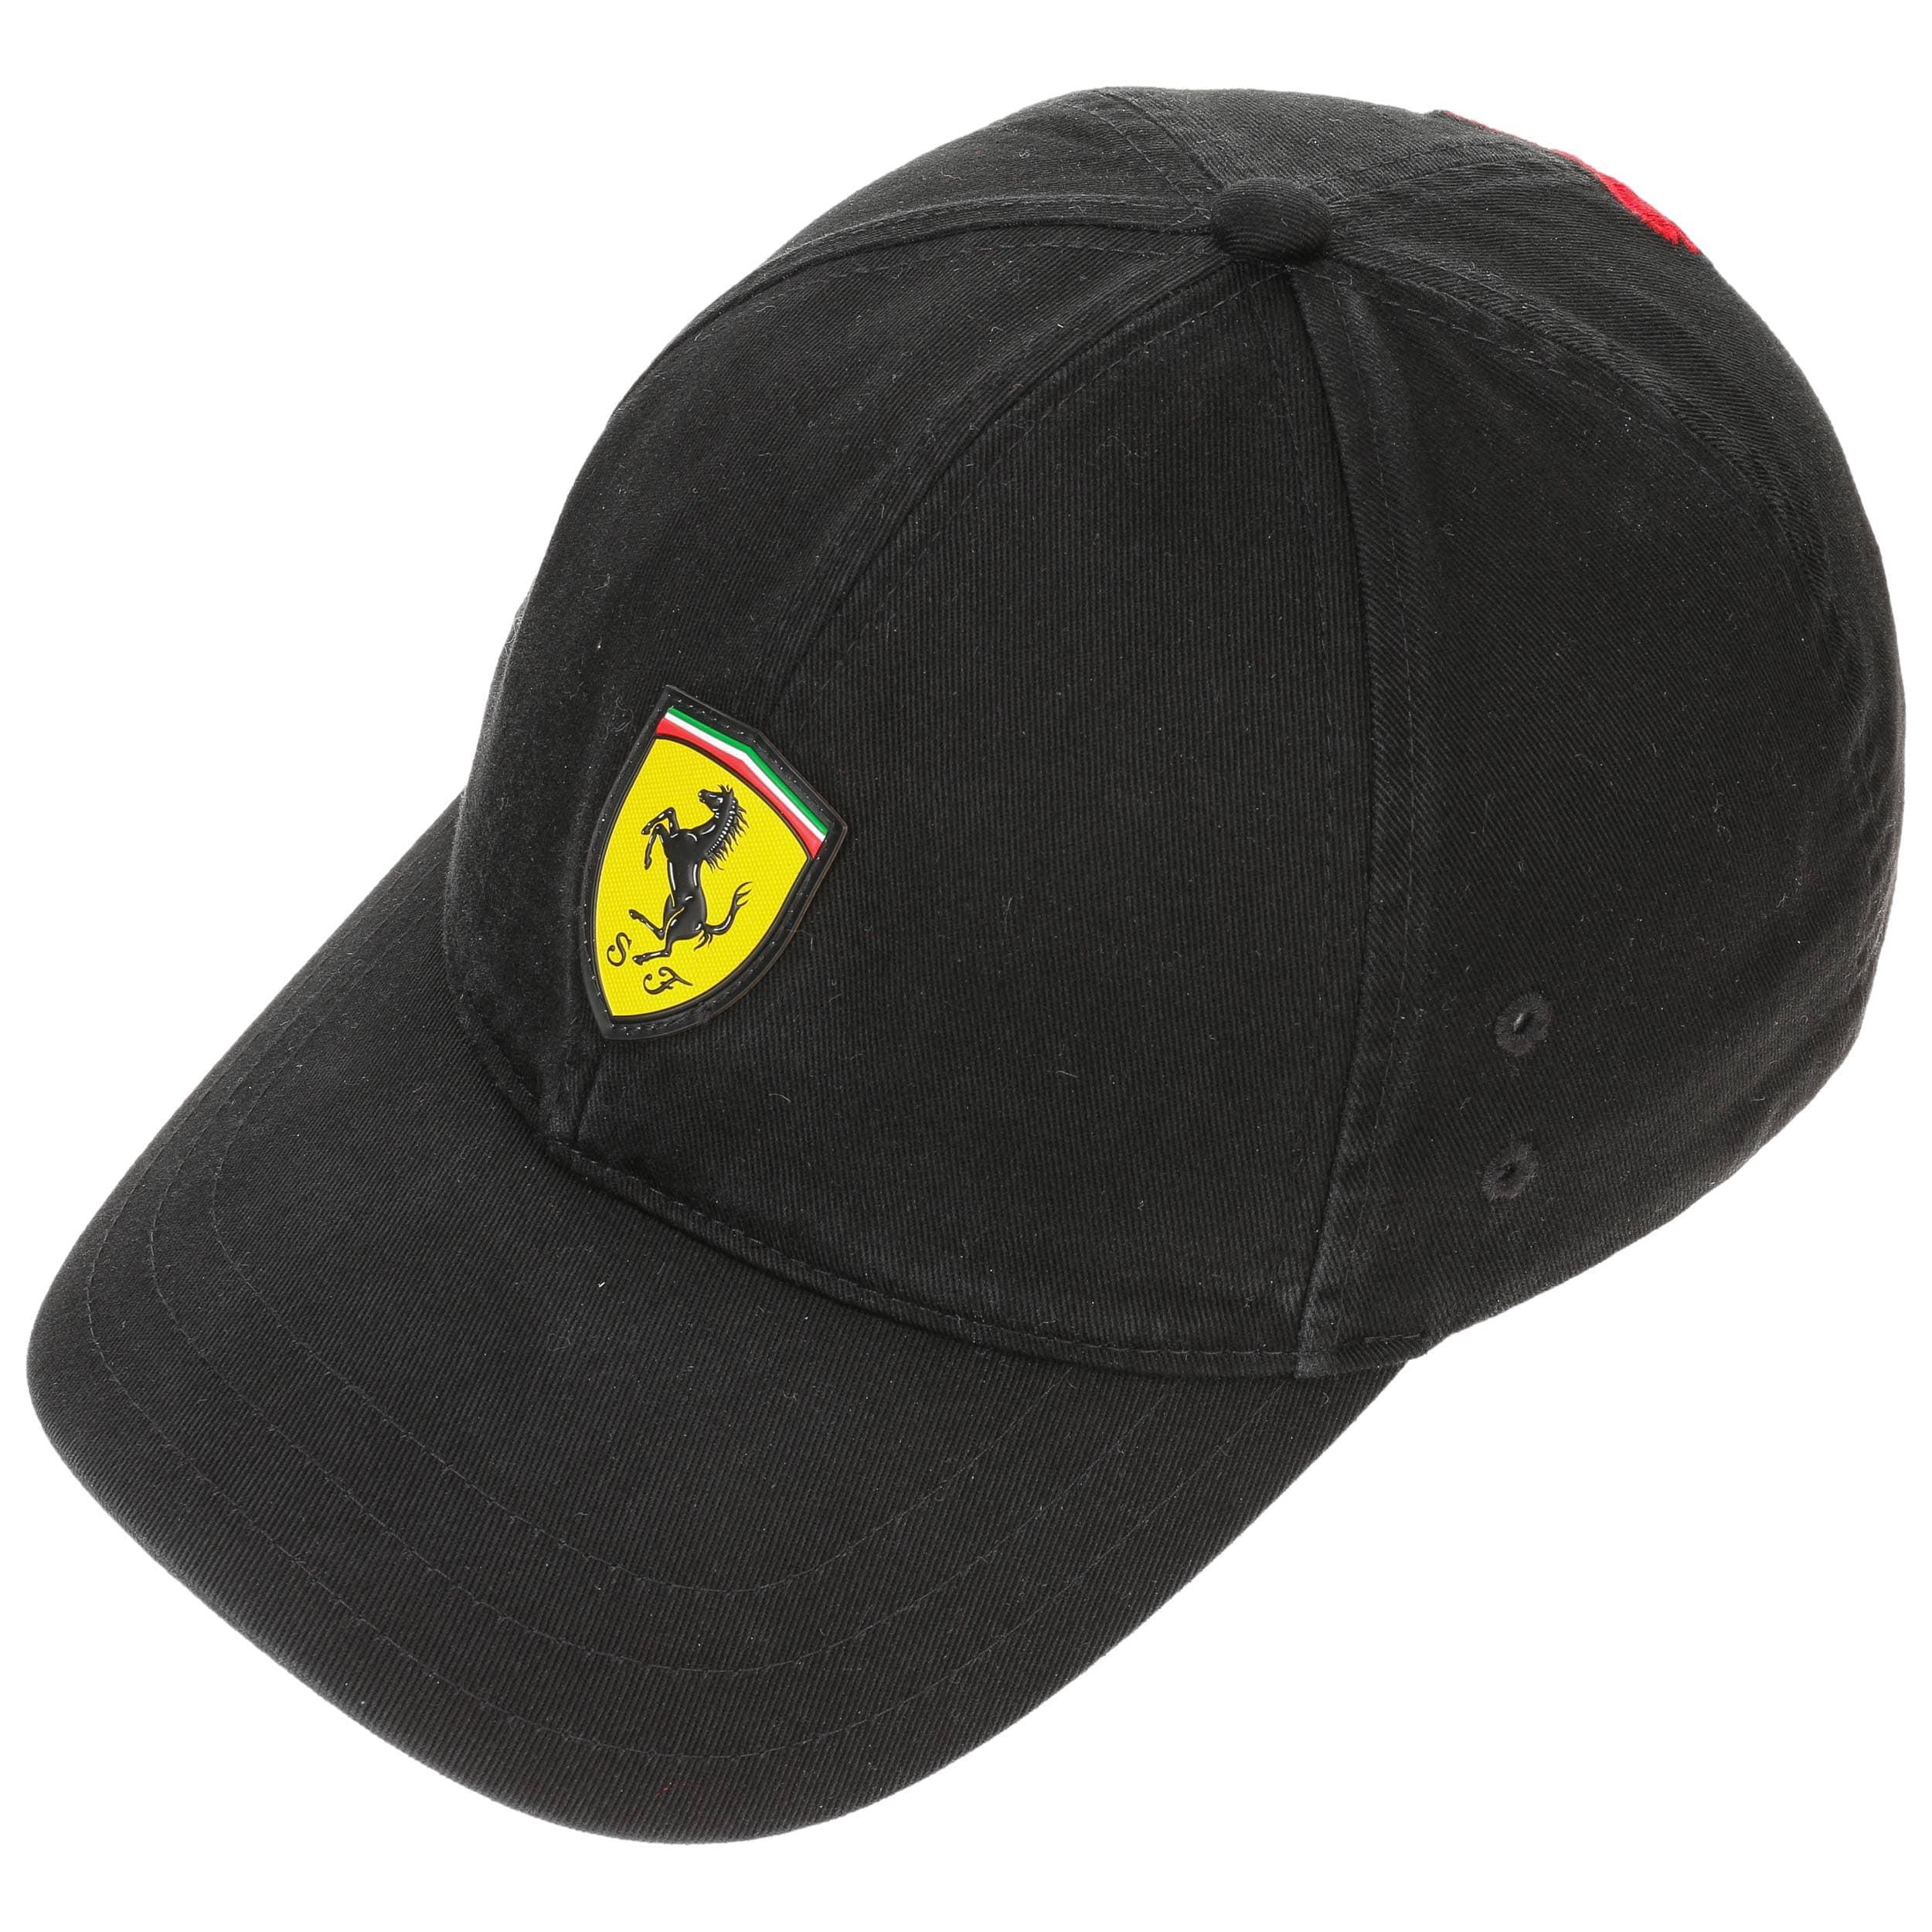 d14dbeab7a85b Gorra Ferrari Fanwear by PUMA - Gorras - sombreroshop.es